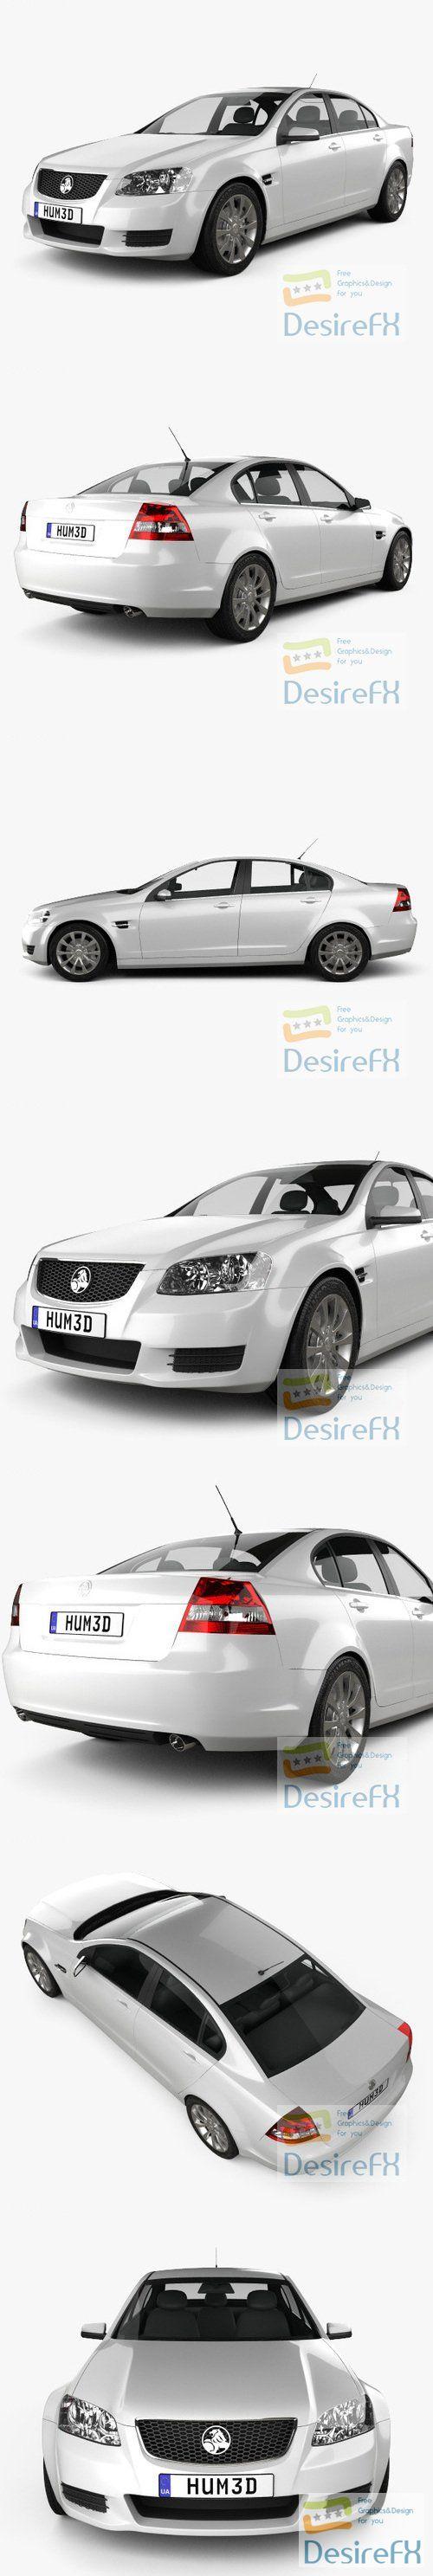 Holden Commodore VE Sedan 2012 3D Model